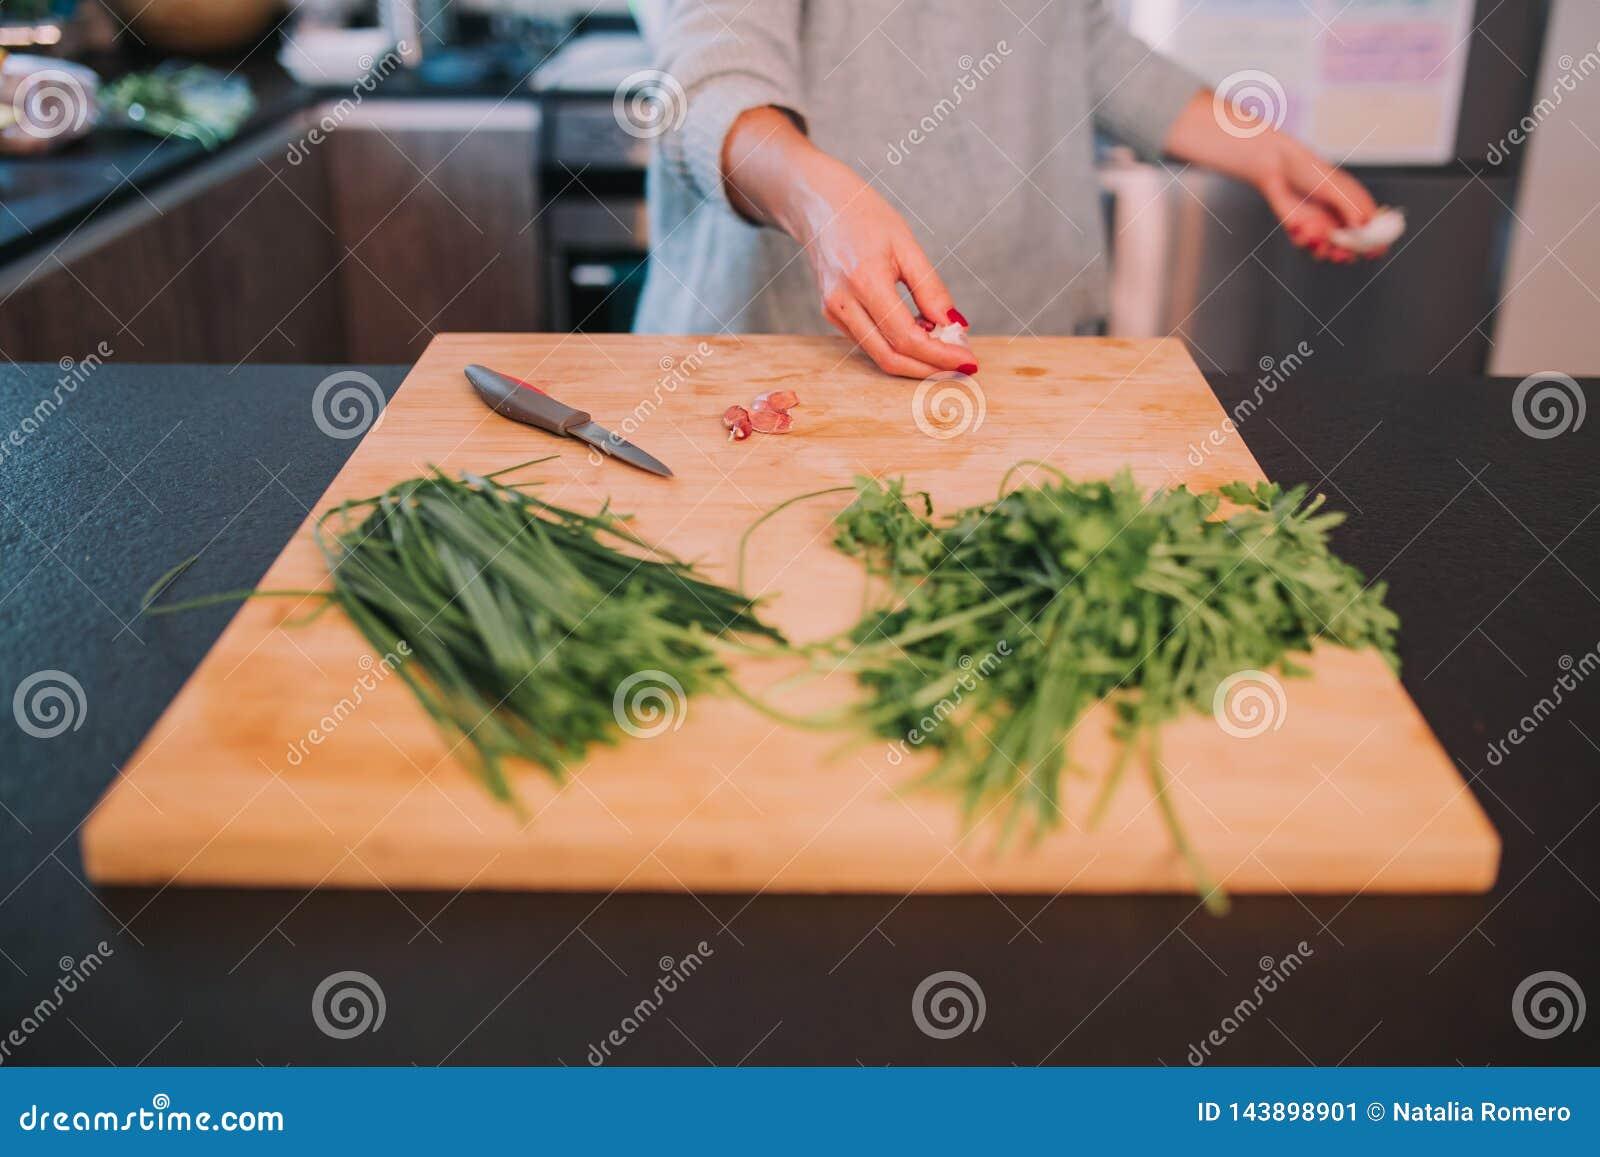 Человек варит овощи